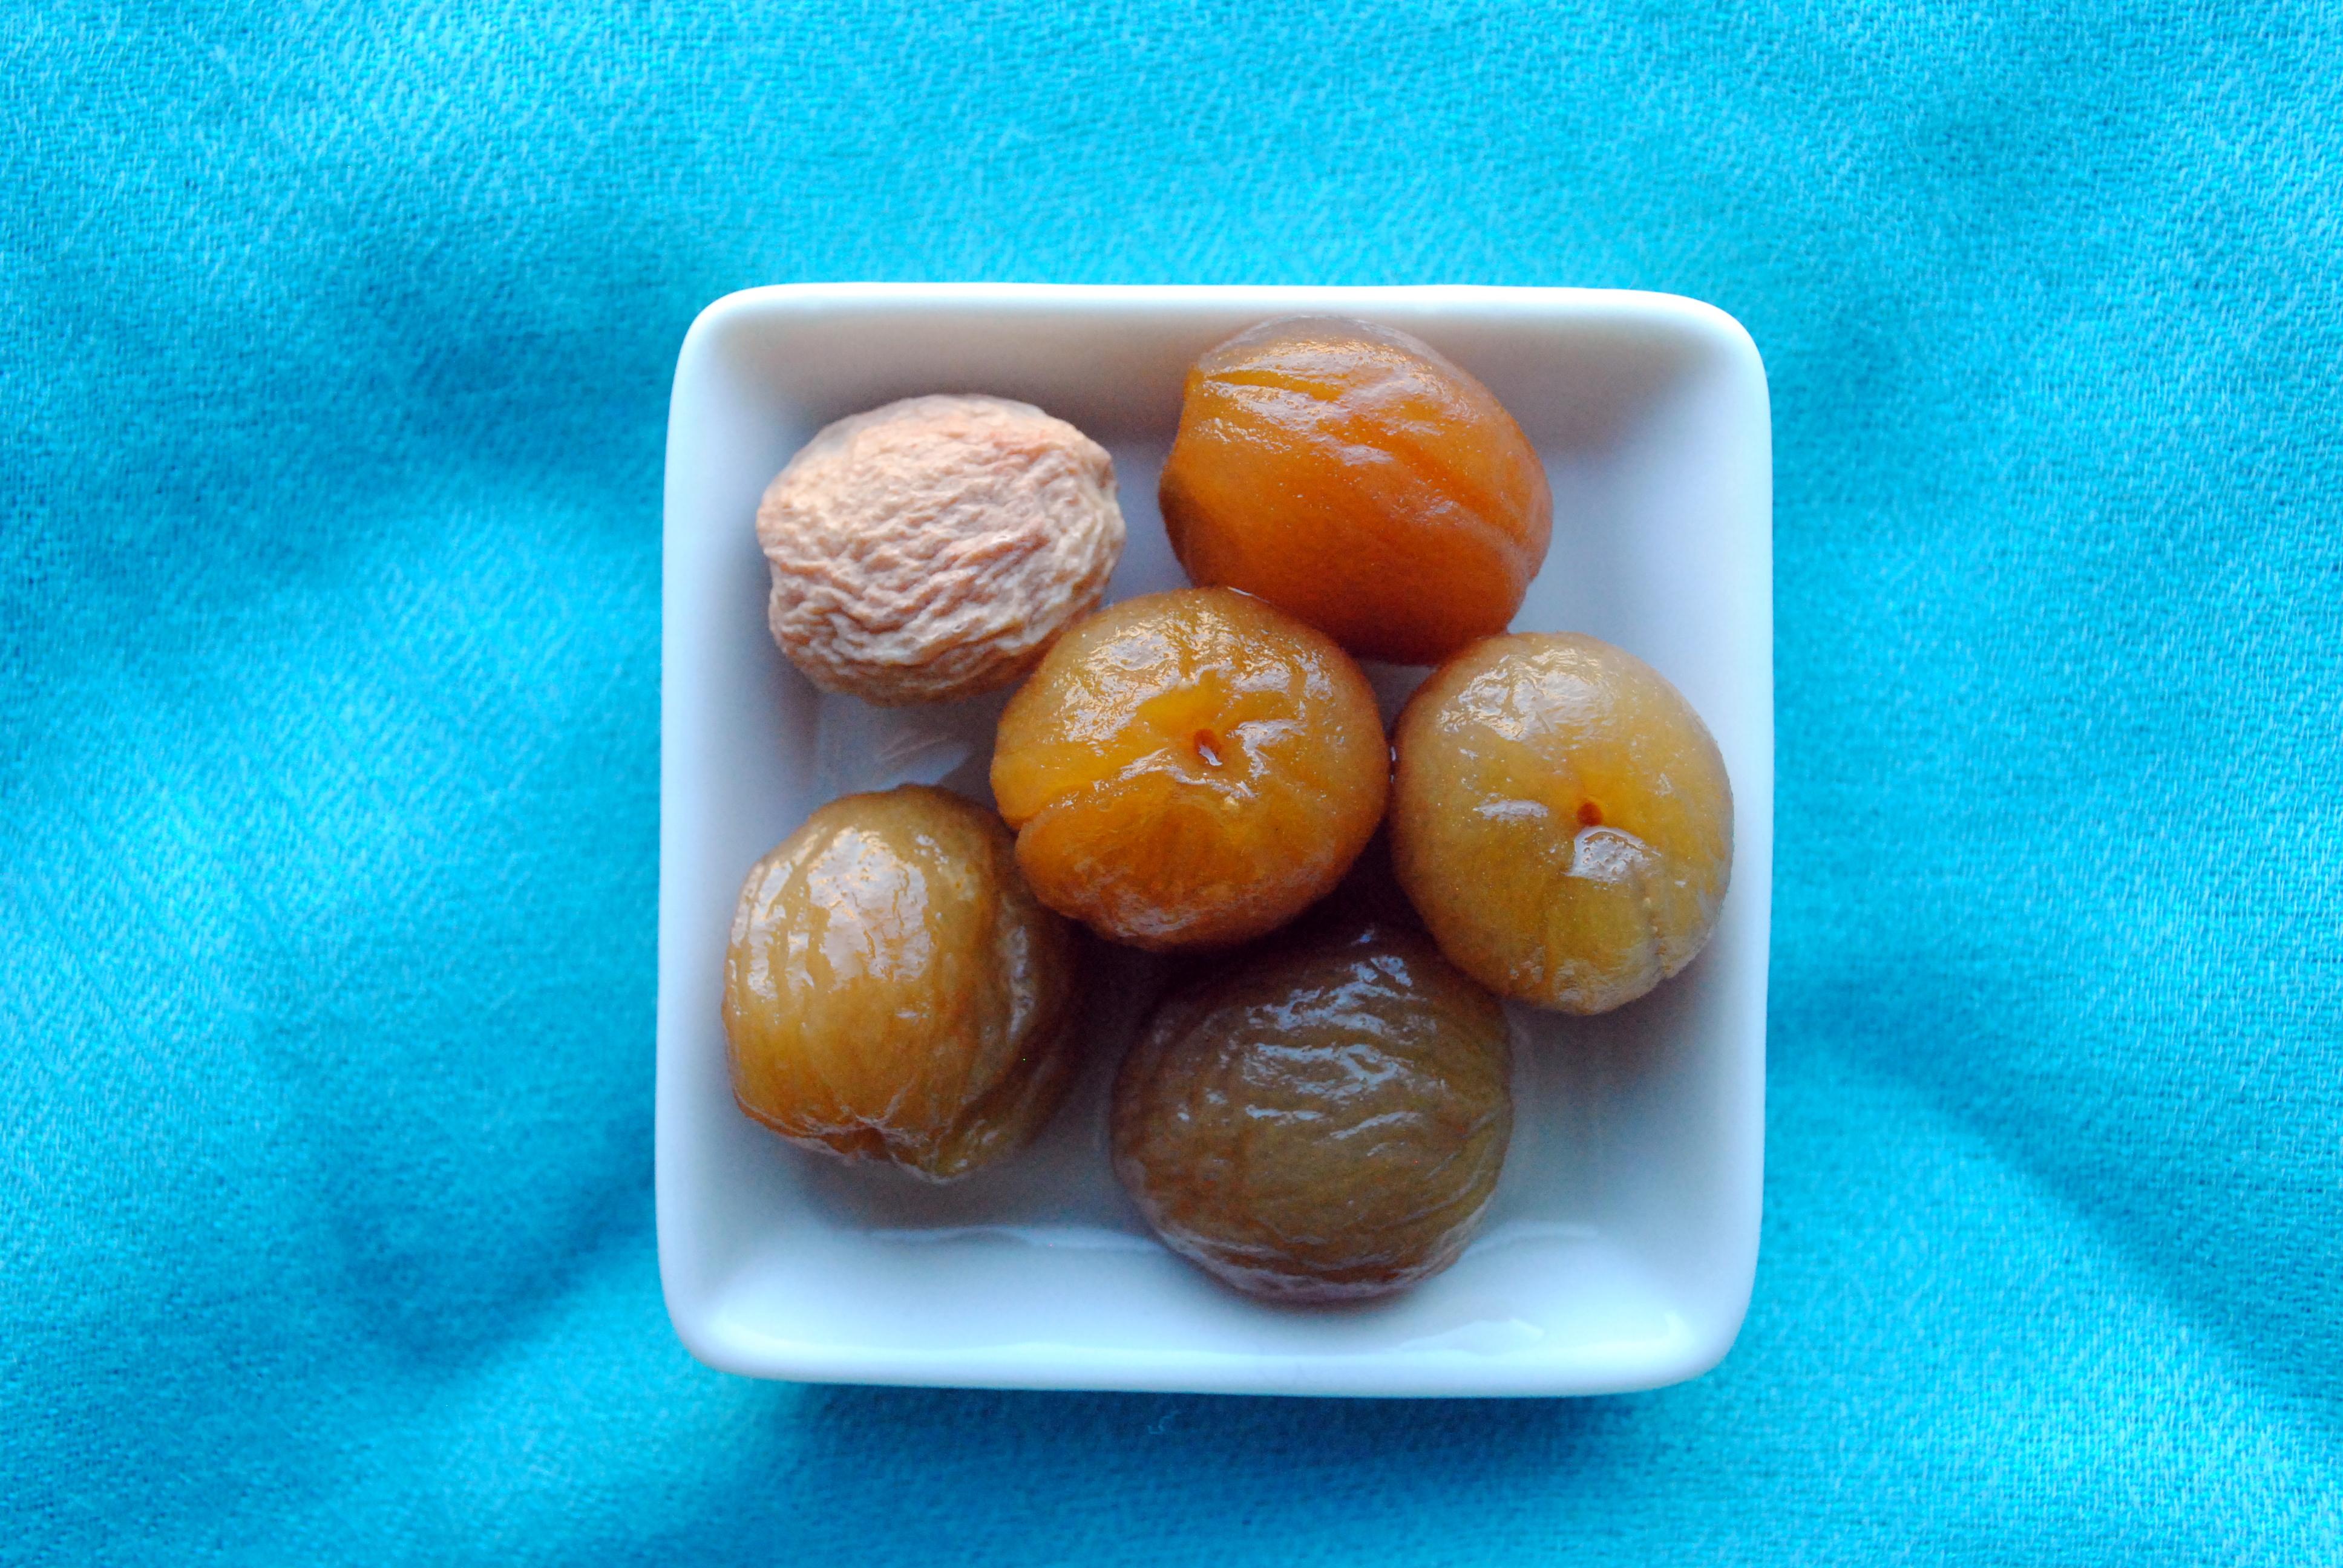 Da den lille tørrede indiske abrikos svulmede op, fordi den mødte sukkersiruppen…